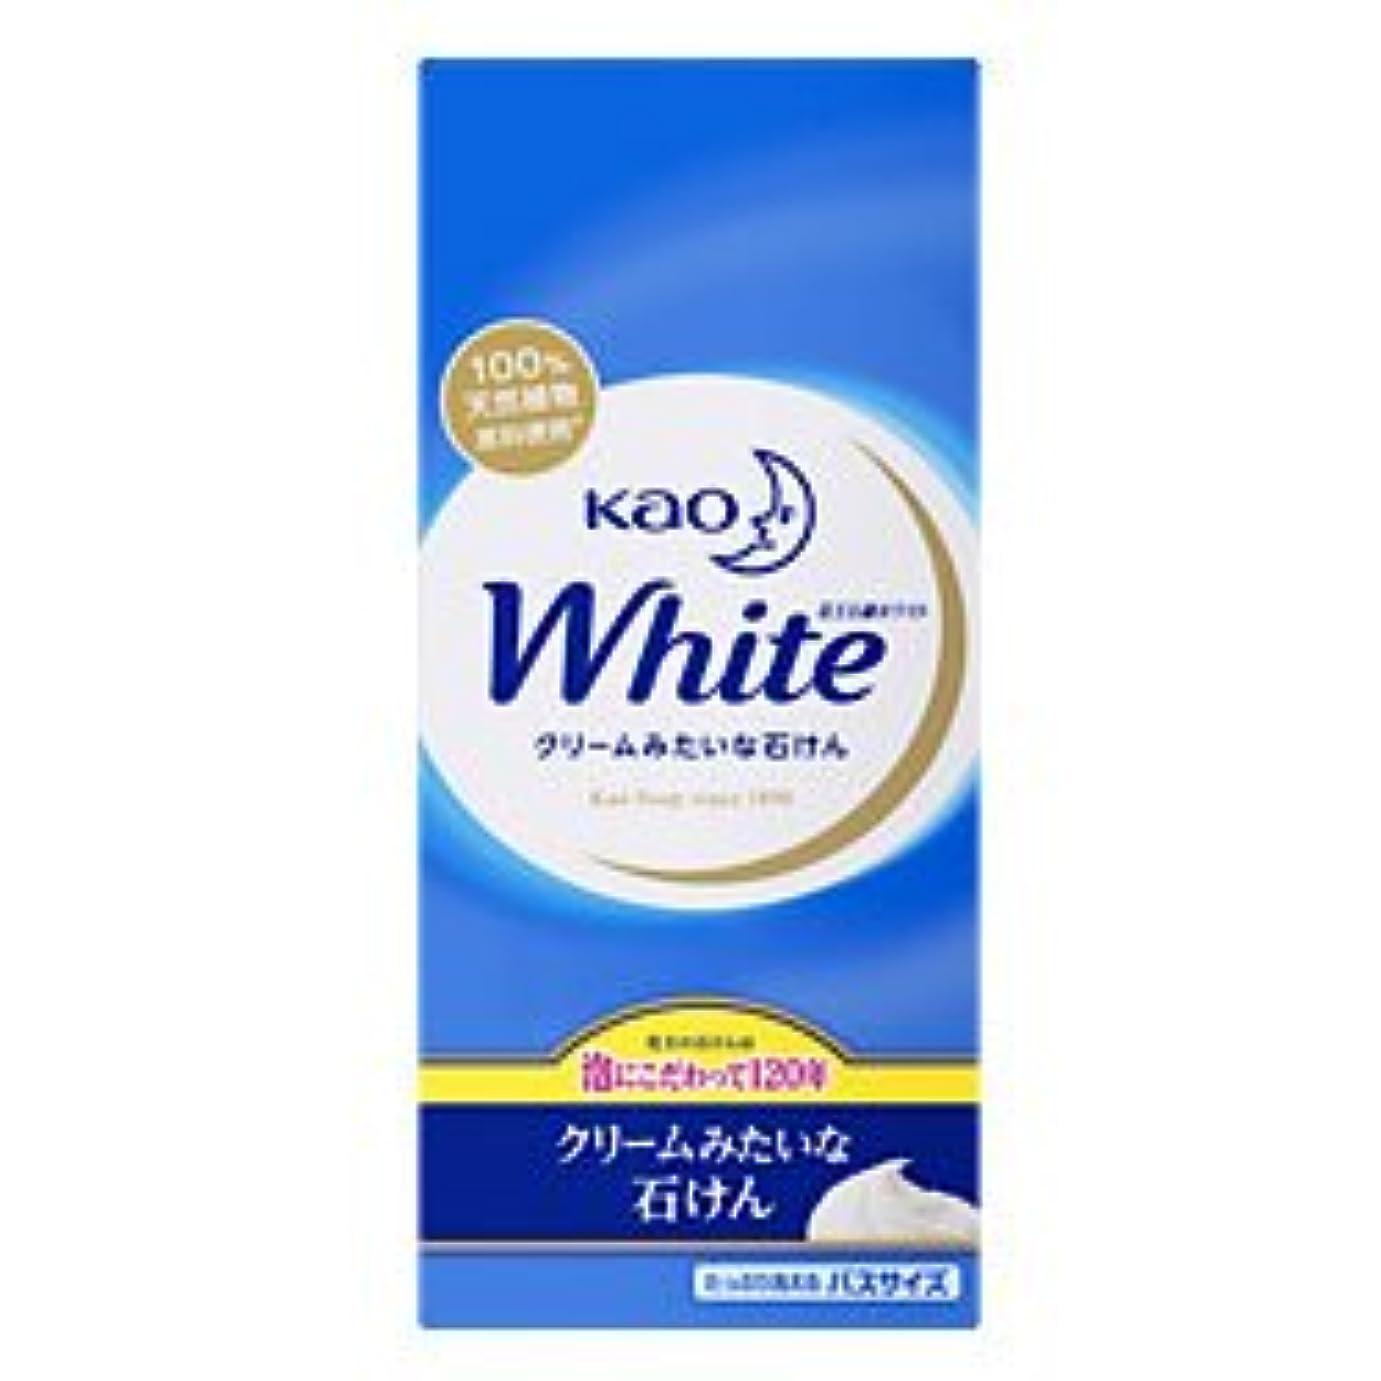 ラフ摂動魅了する【花王】花王ホワイト バスサイズ 130g×6個 ×20個セット